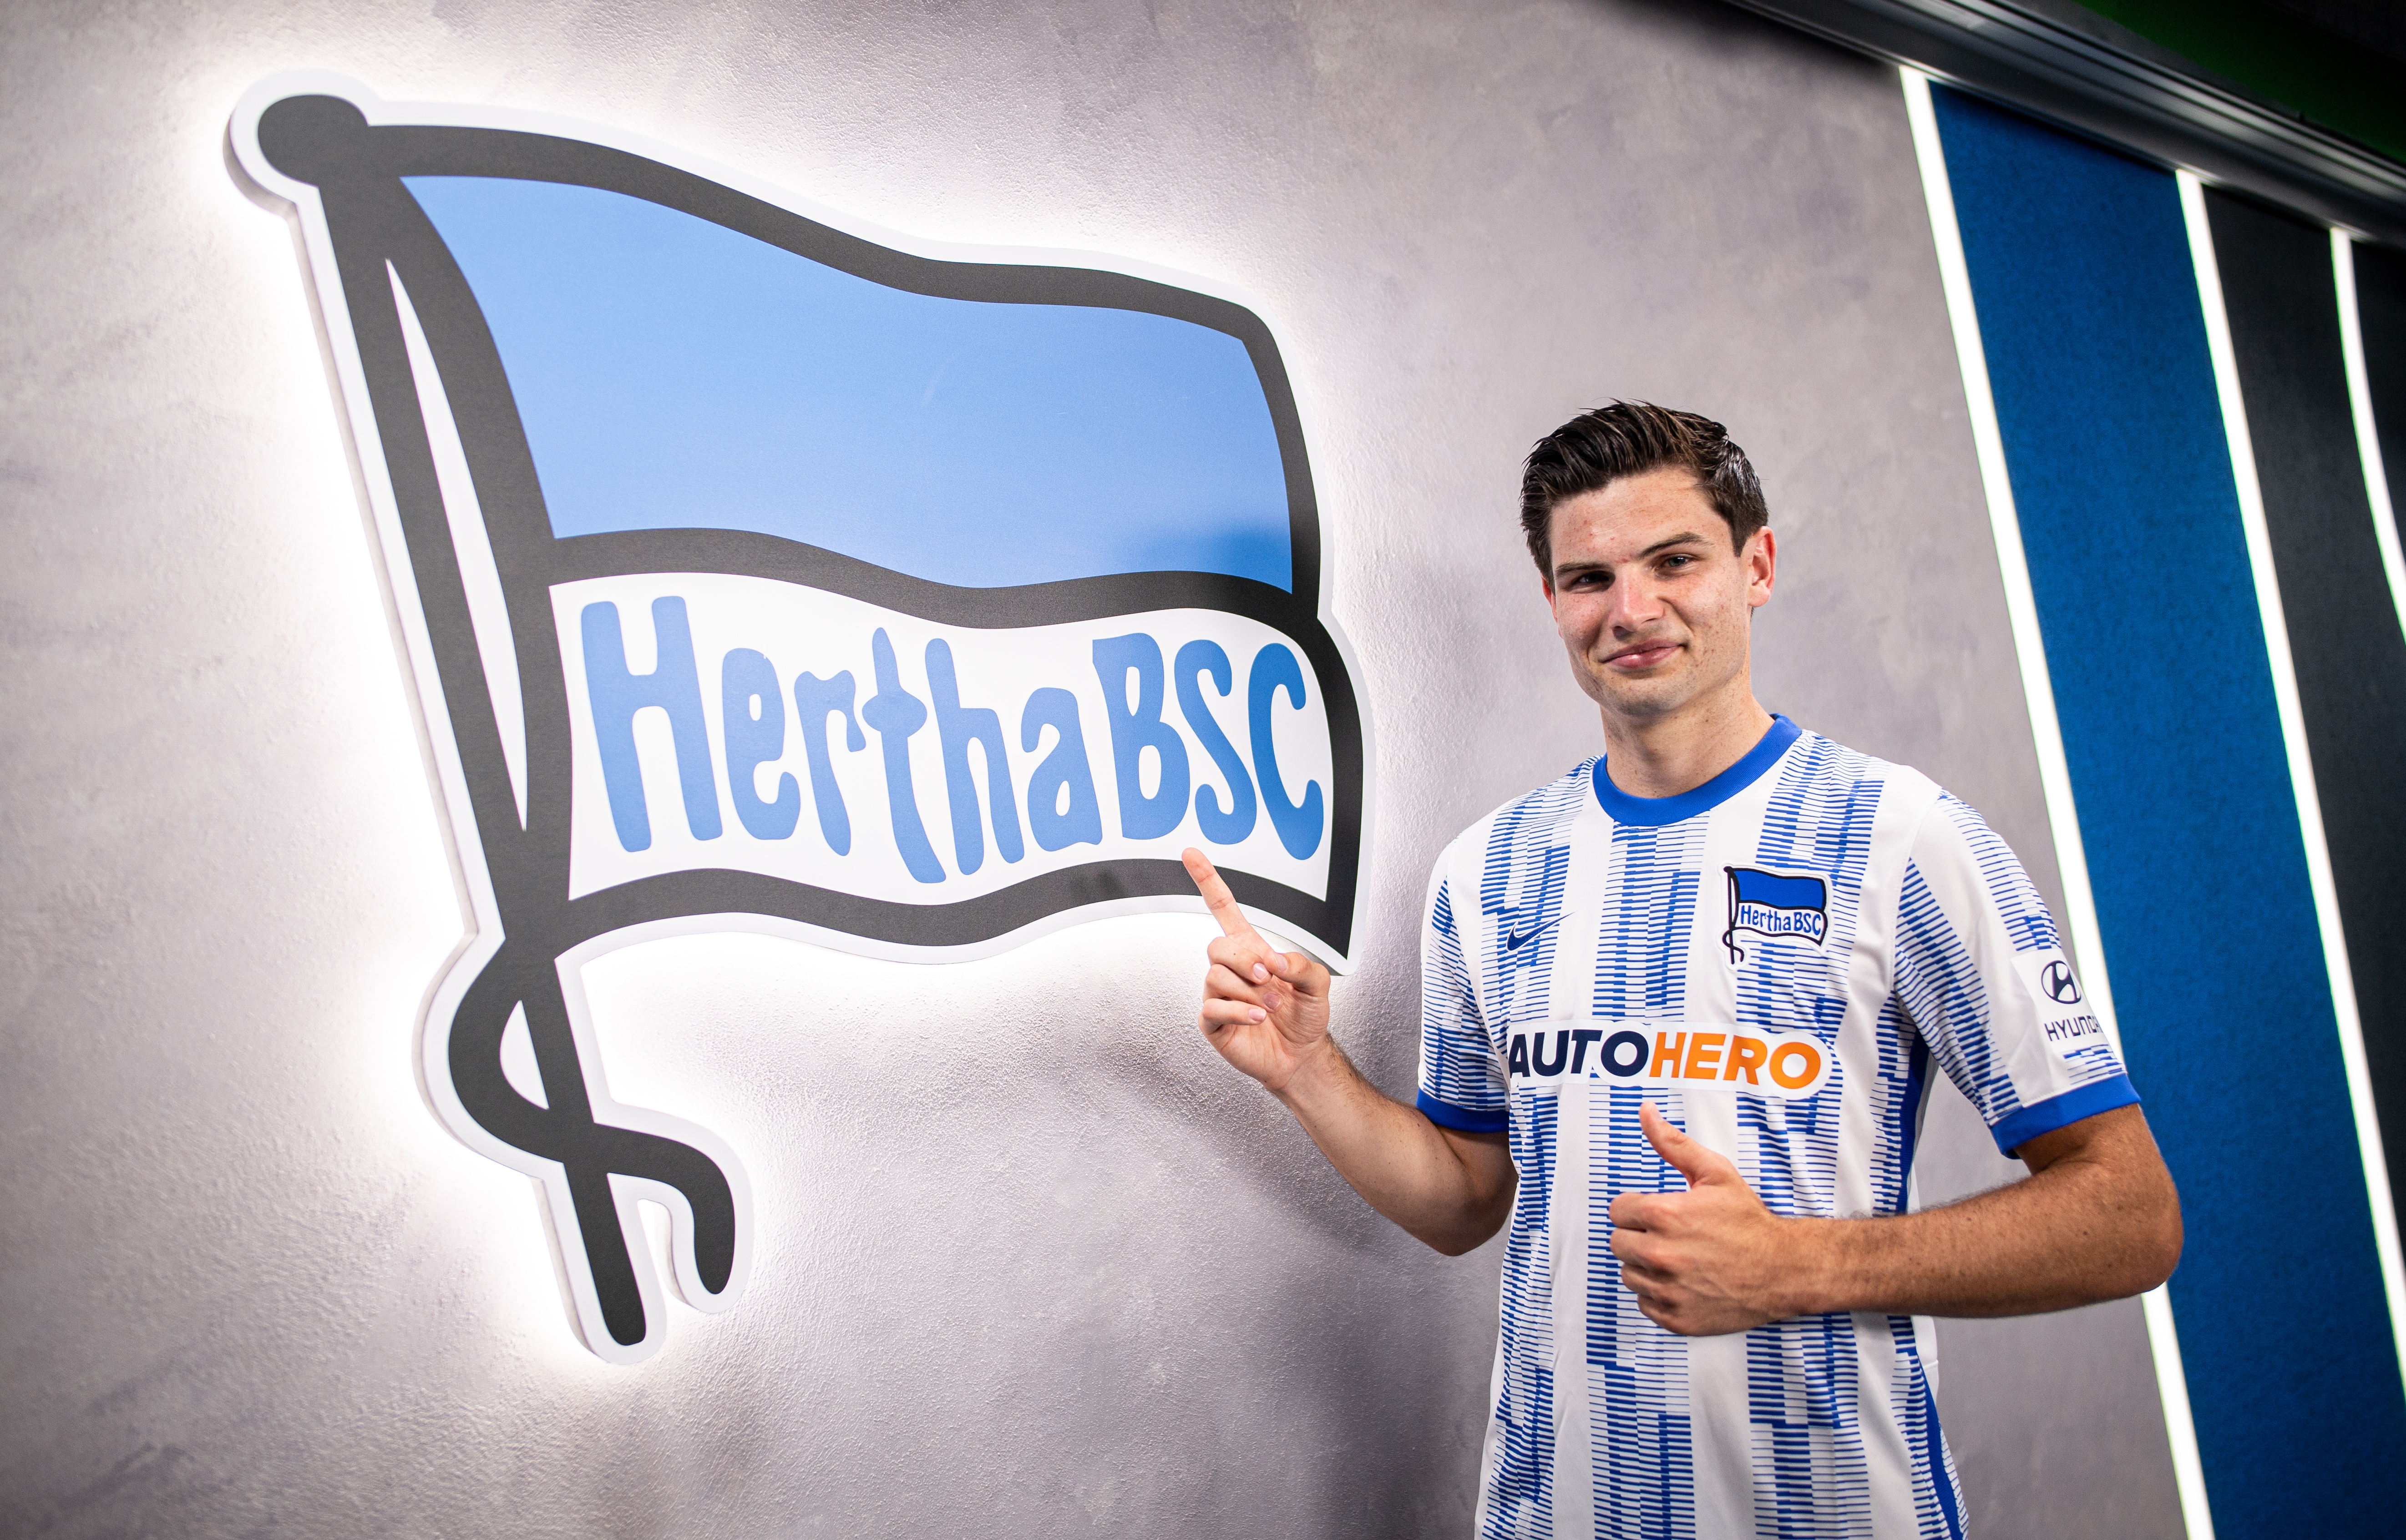 Jurgen Ekkelenkamp junto a la bandera del Hertha.